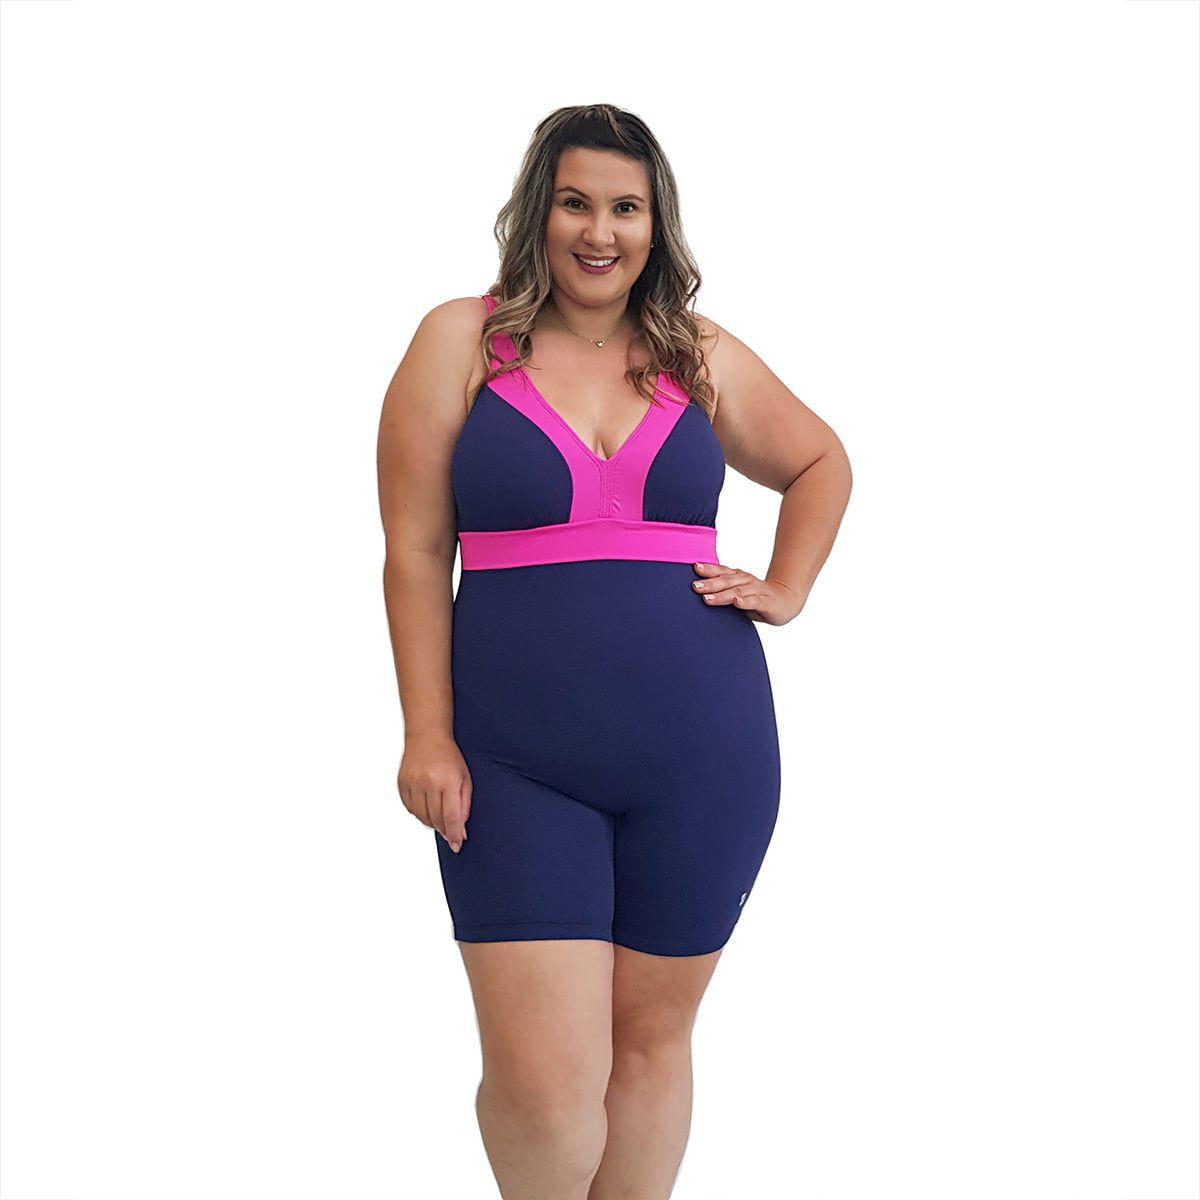 Macaquinho Natação Plus Size com Sustentação Light Azul Marinho com Detalhe Pink